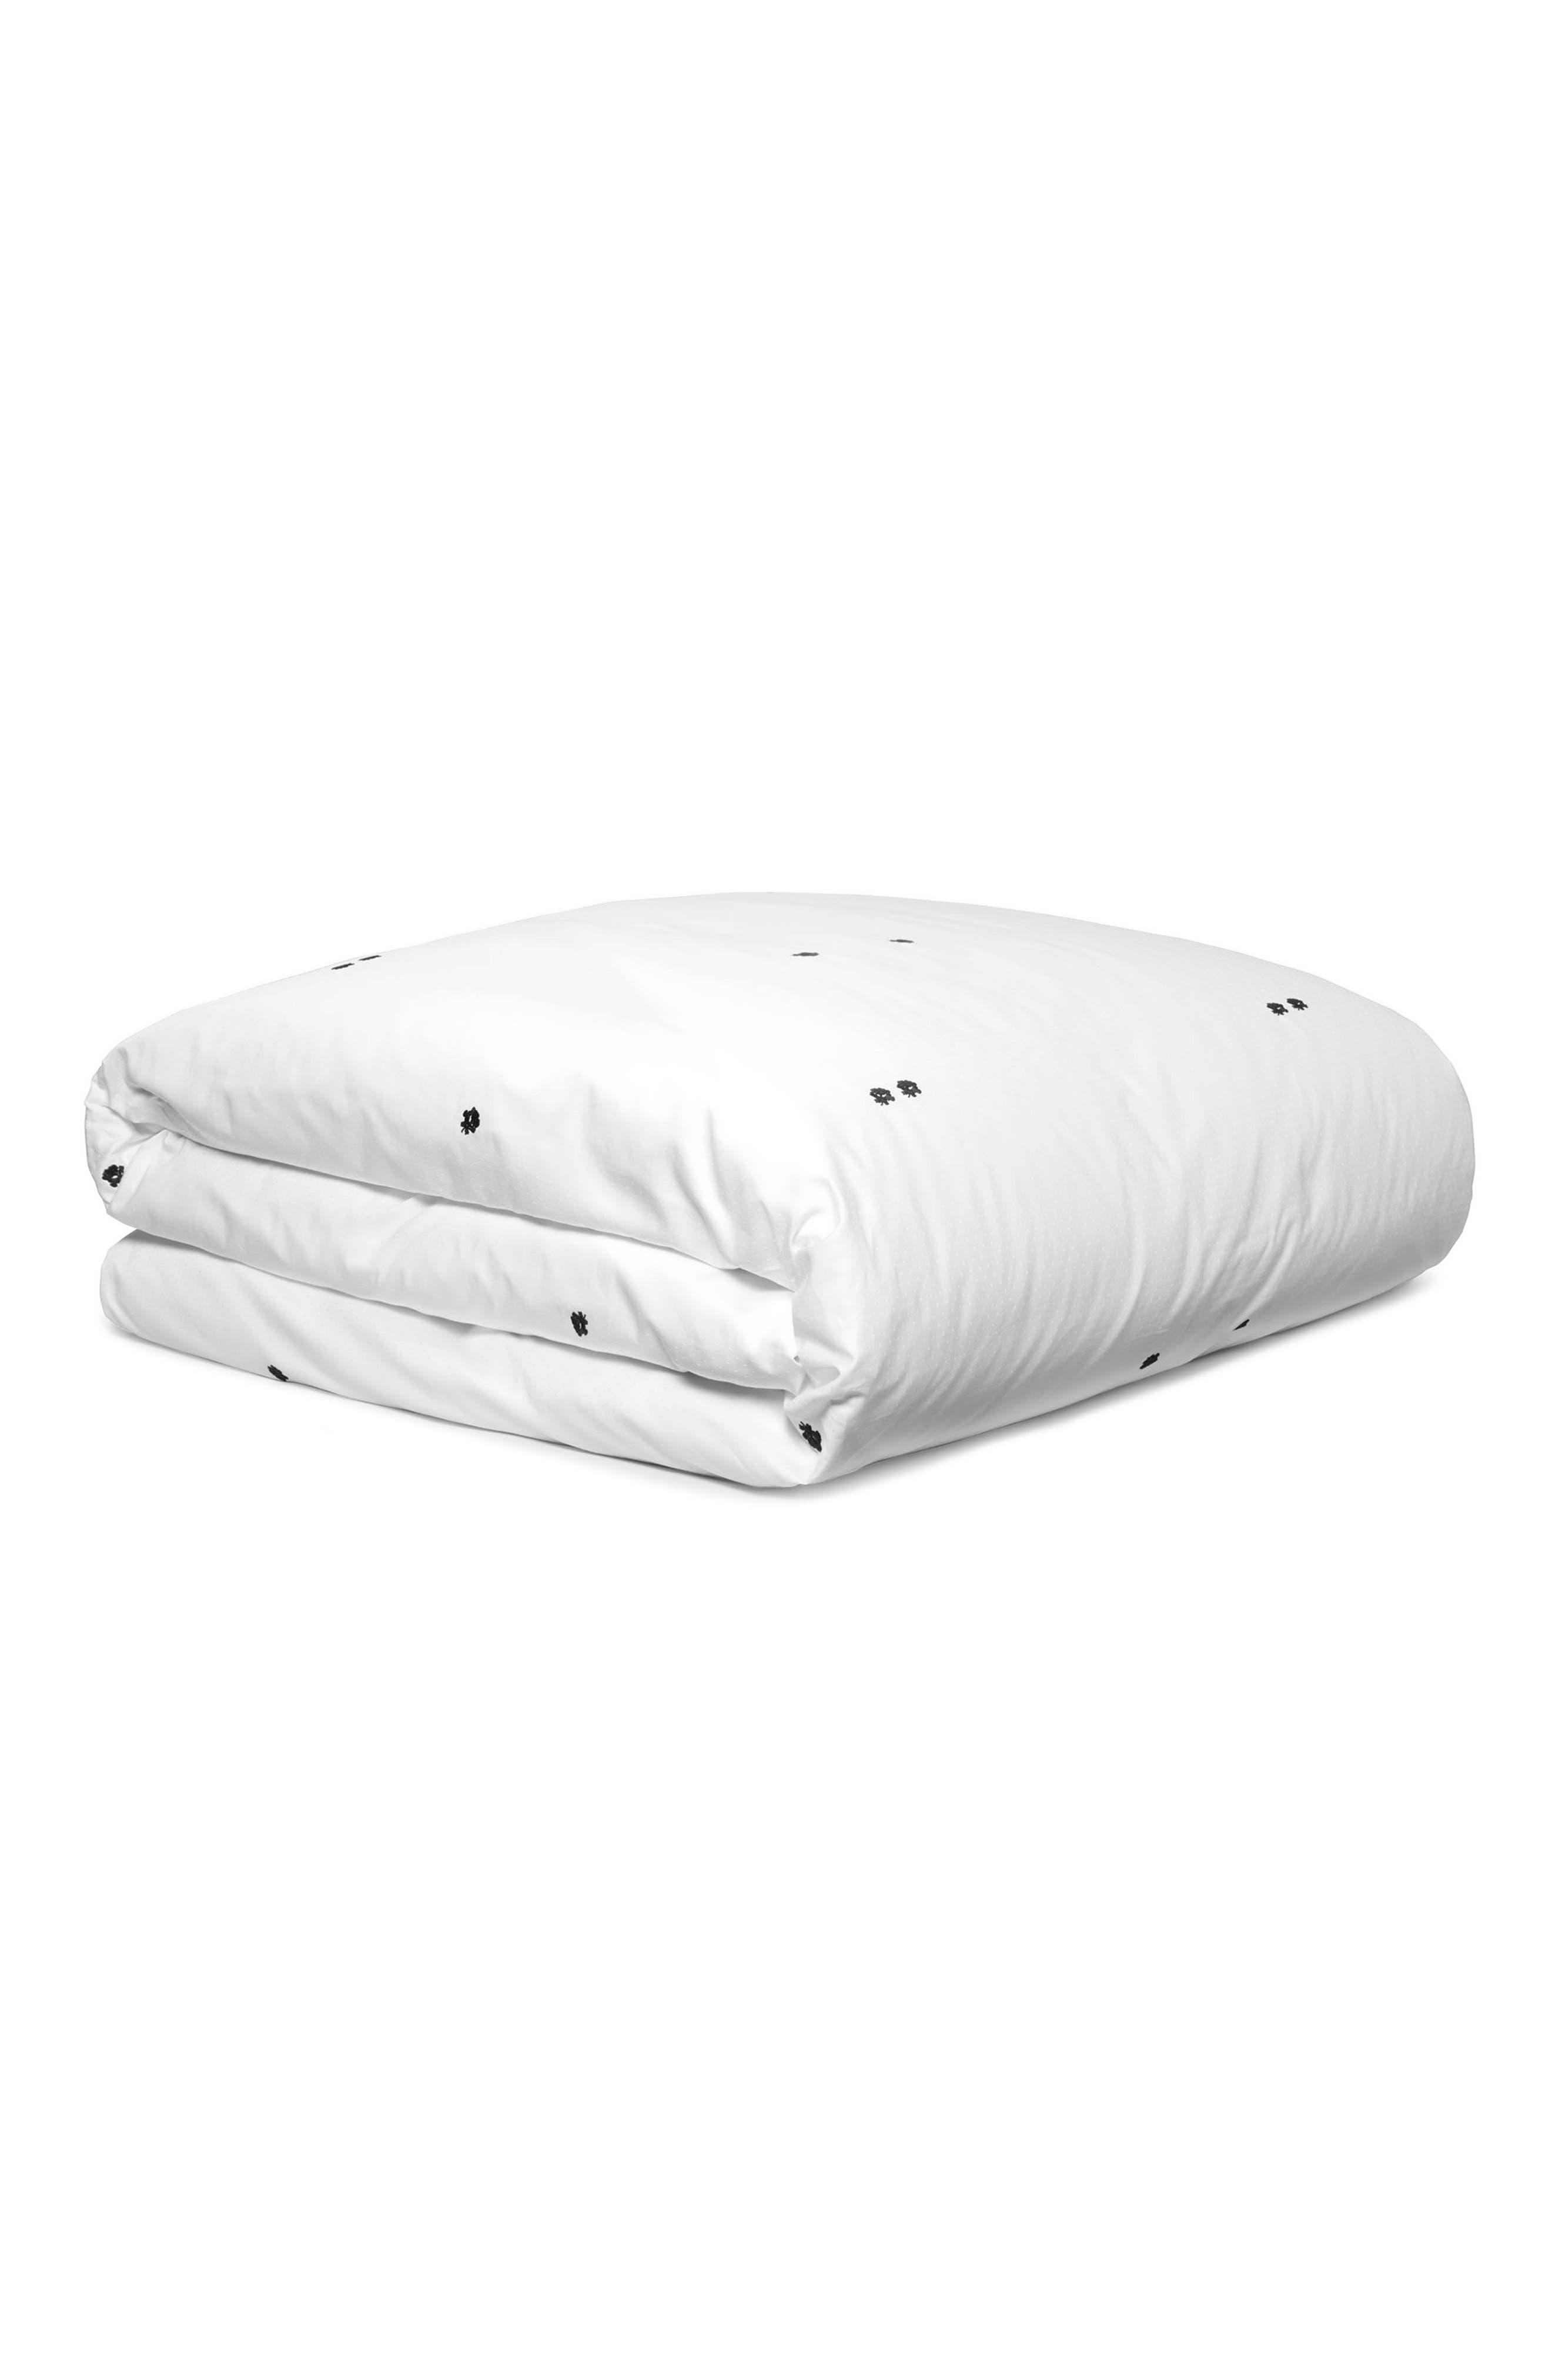 Clone Comforter,                         Main,                         color, White